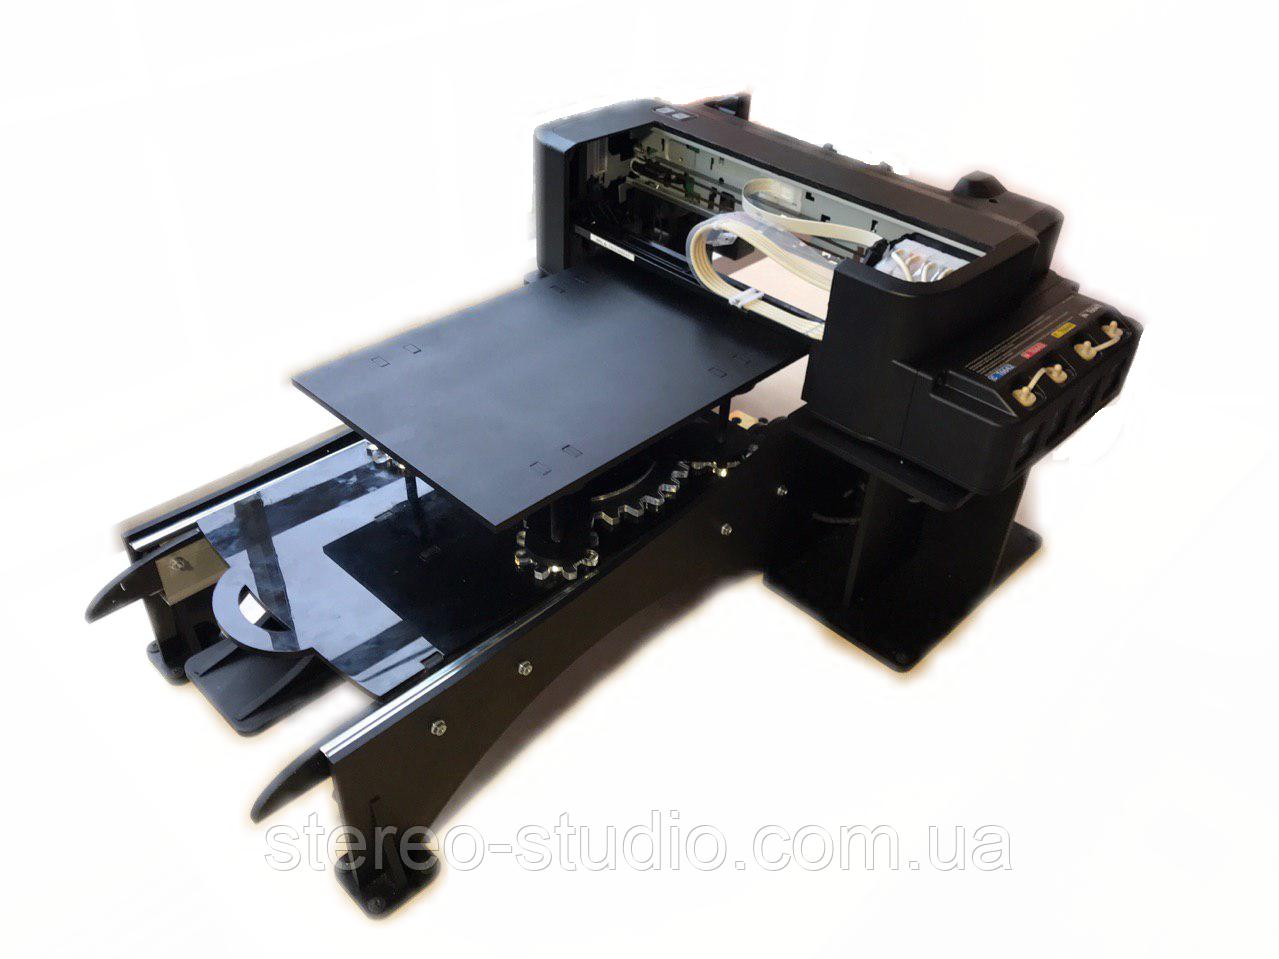 Планшетный принтер A4